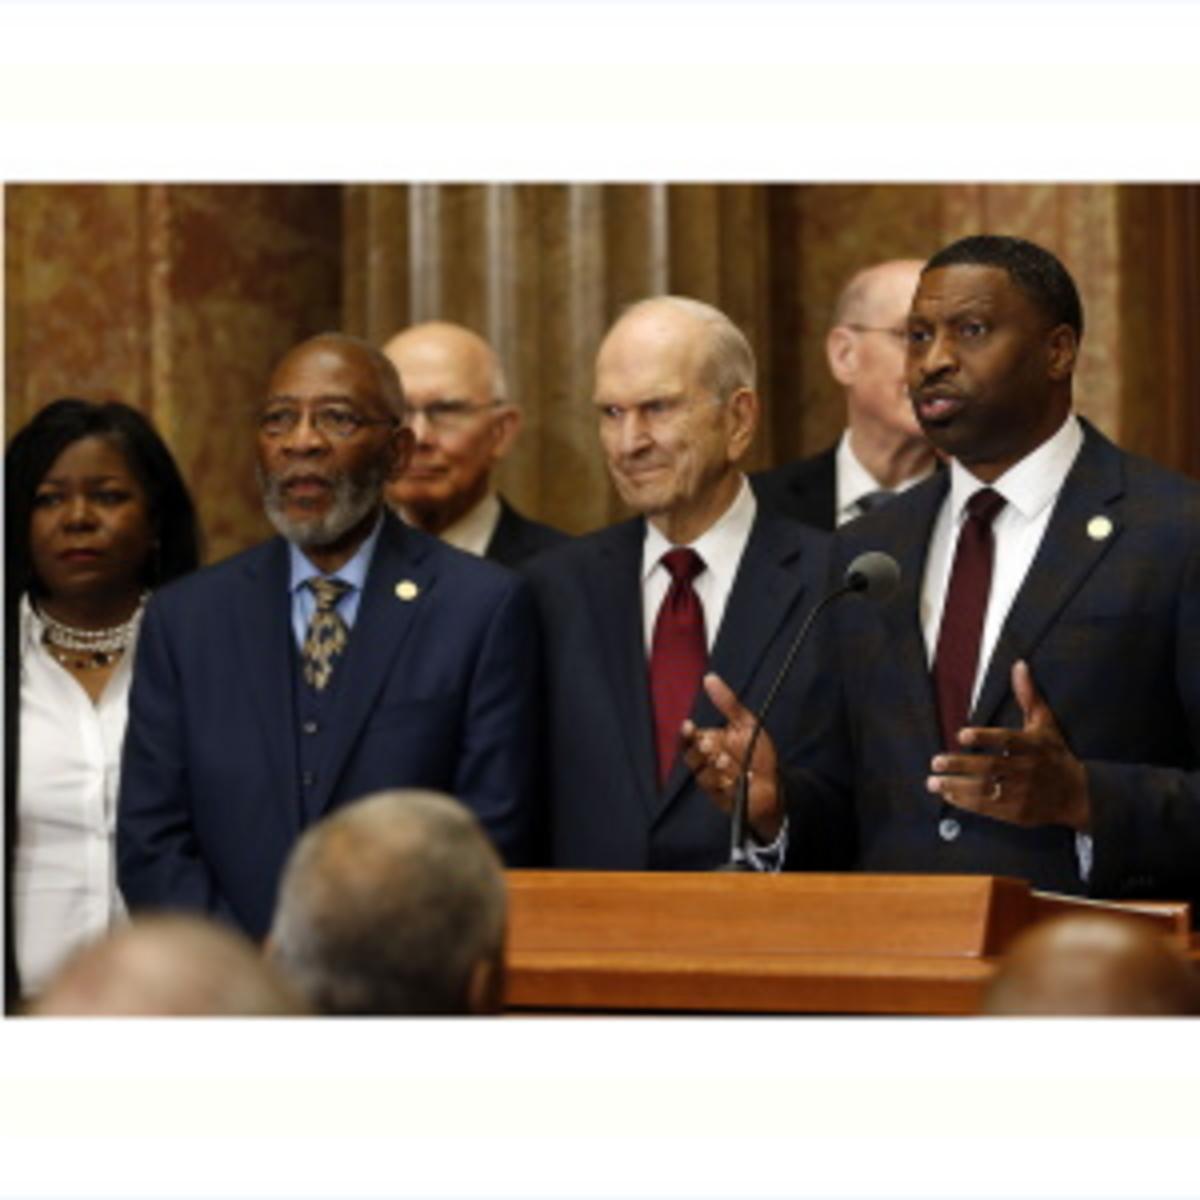 Racial reform